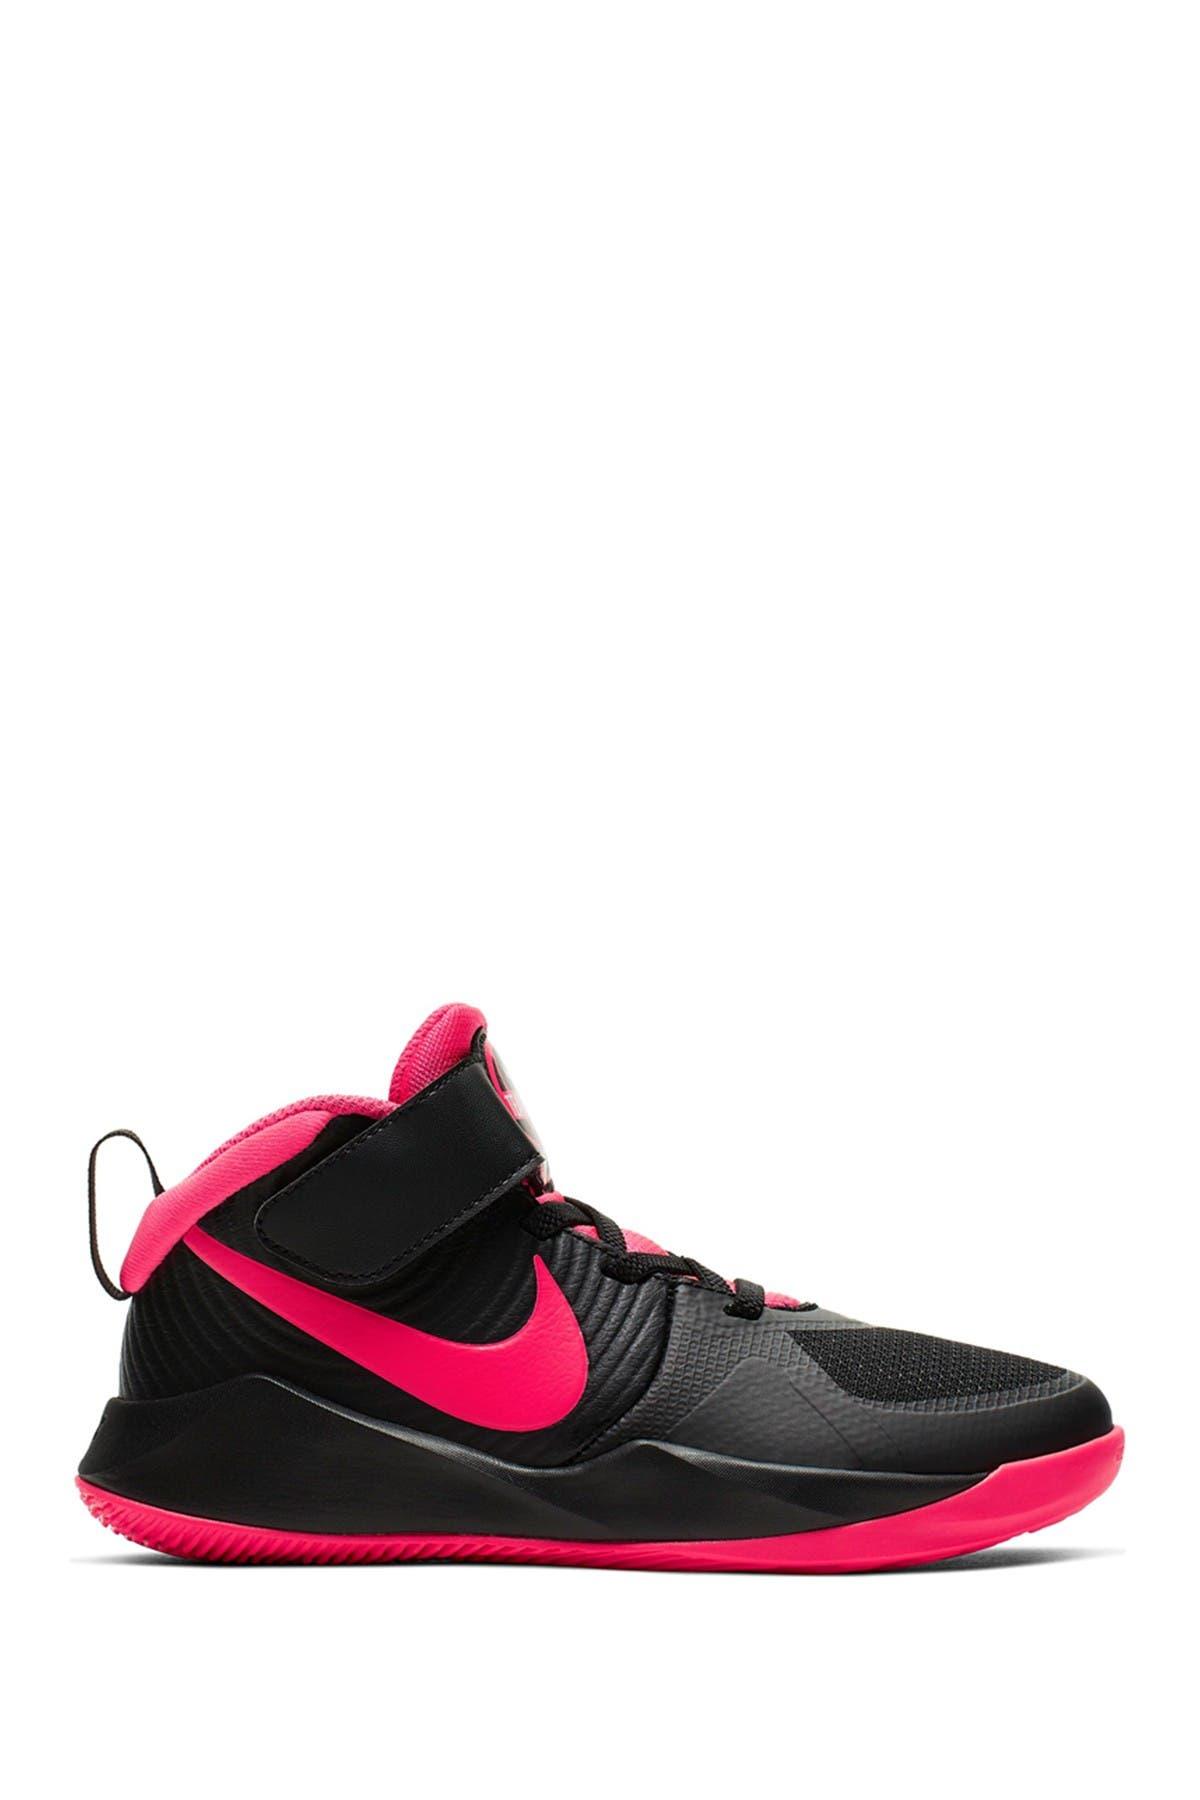 ganado vapor postura  Nike | Team Hustle D 9 Sneaker | Nordstrom Rack